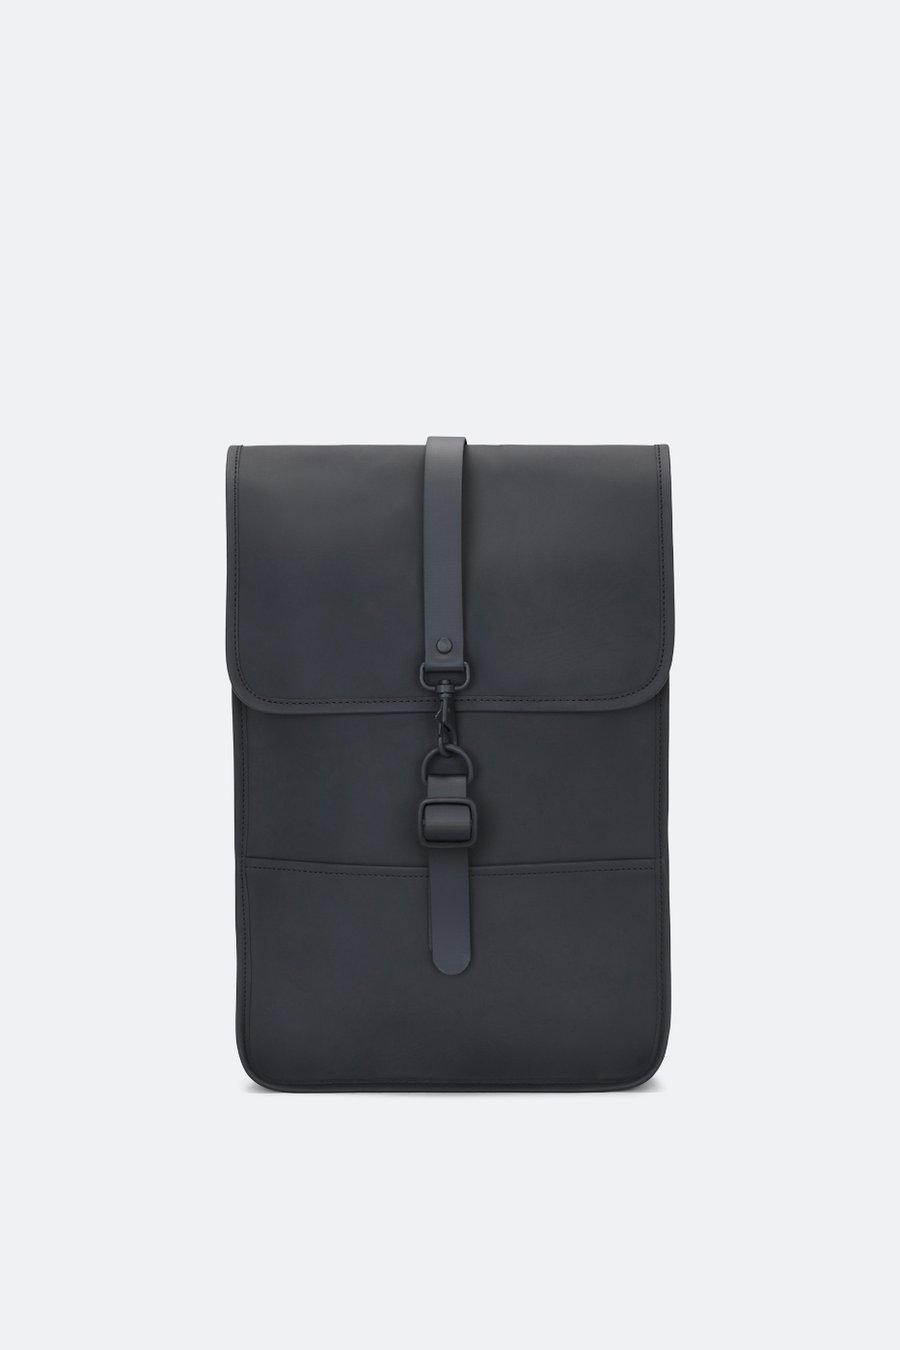 Rain Backpack Mini in black